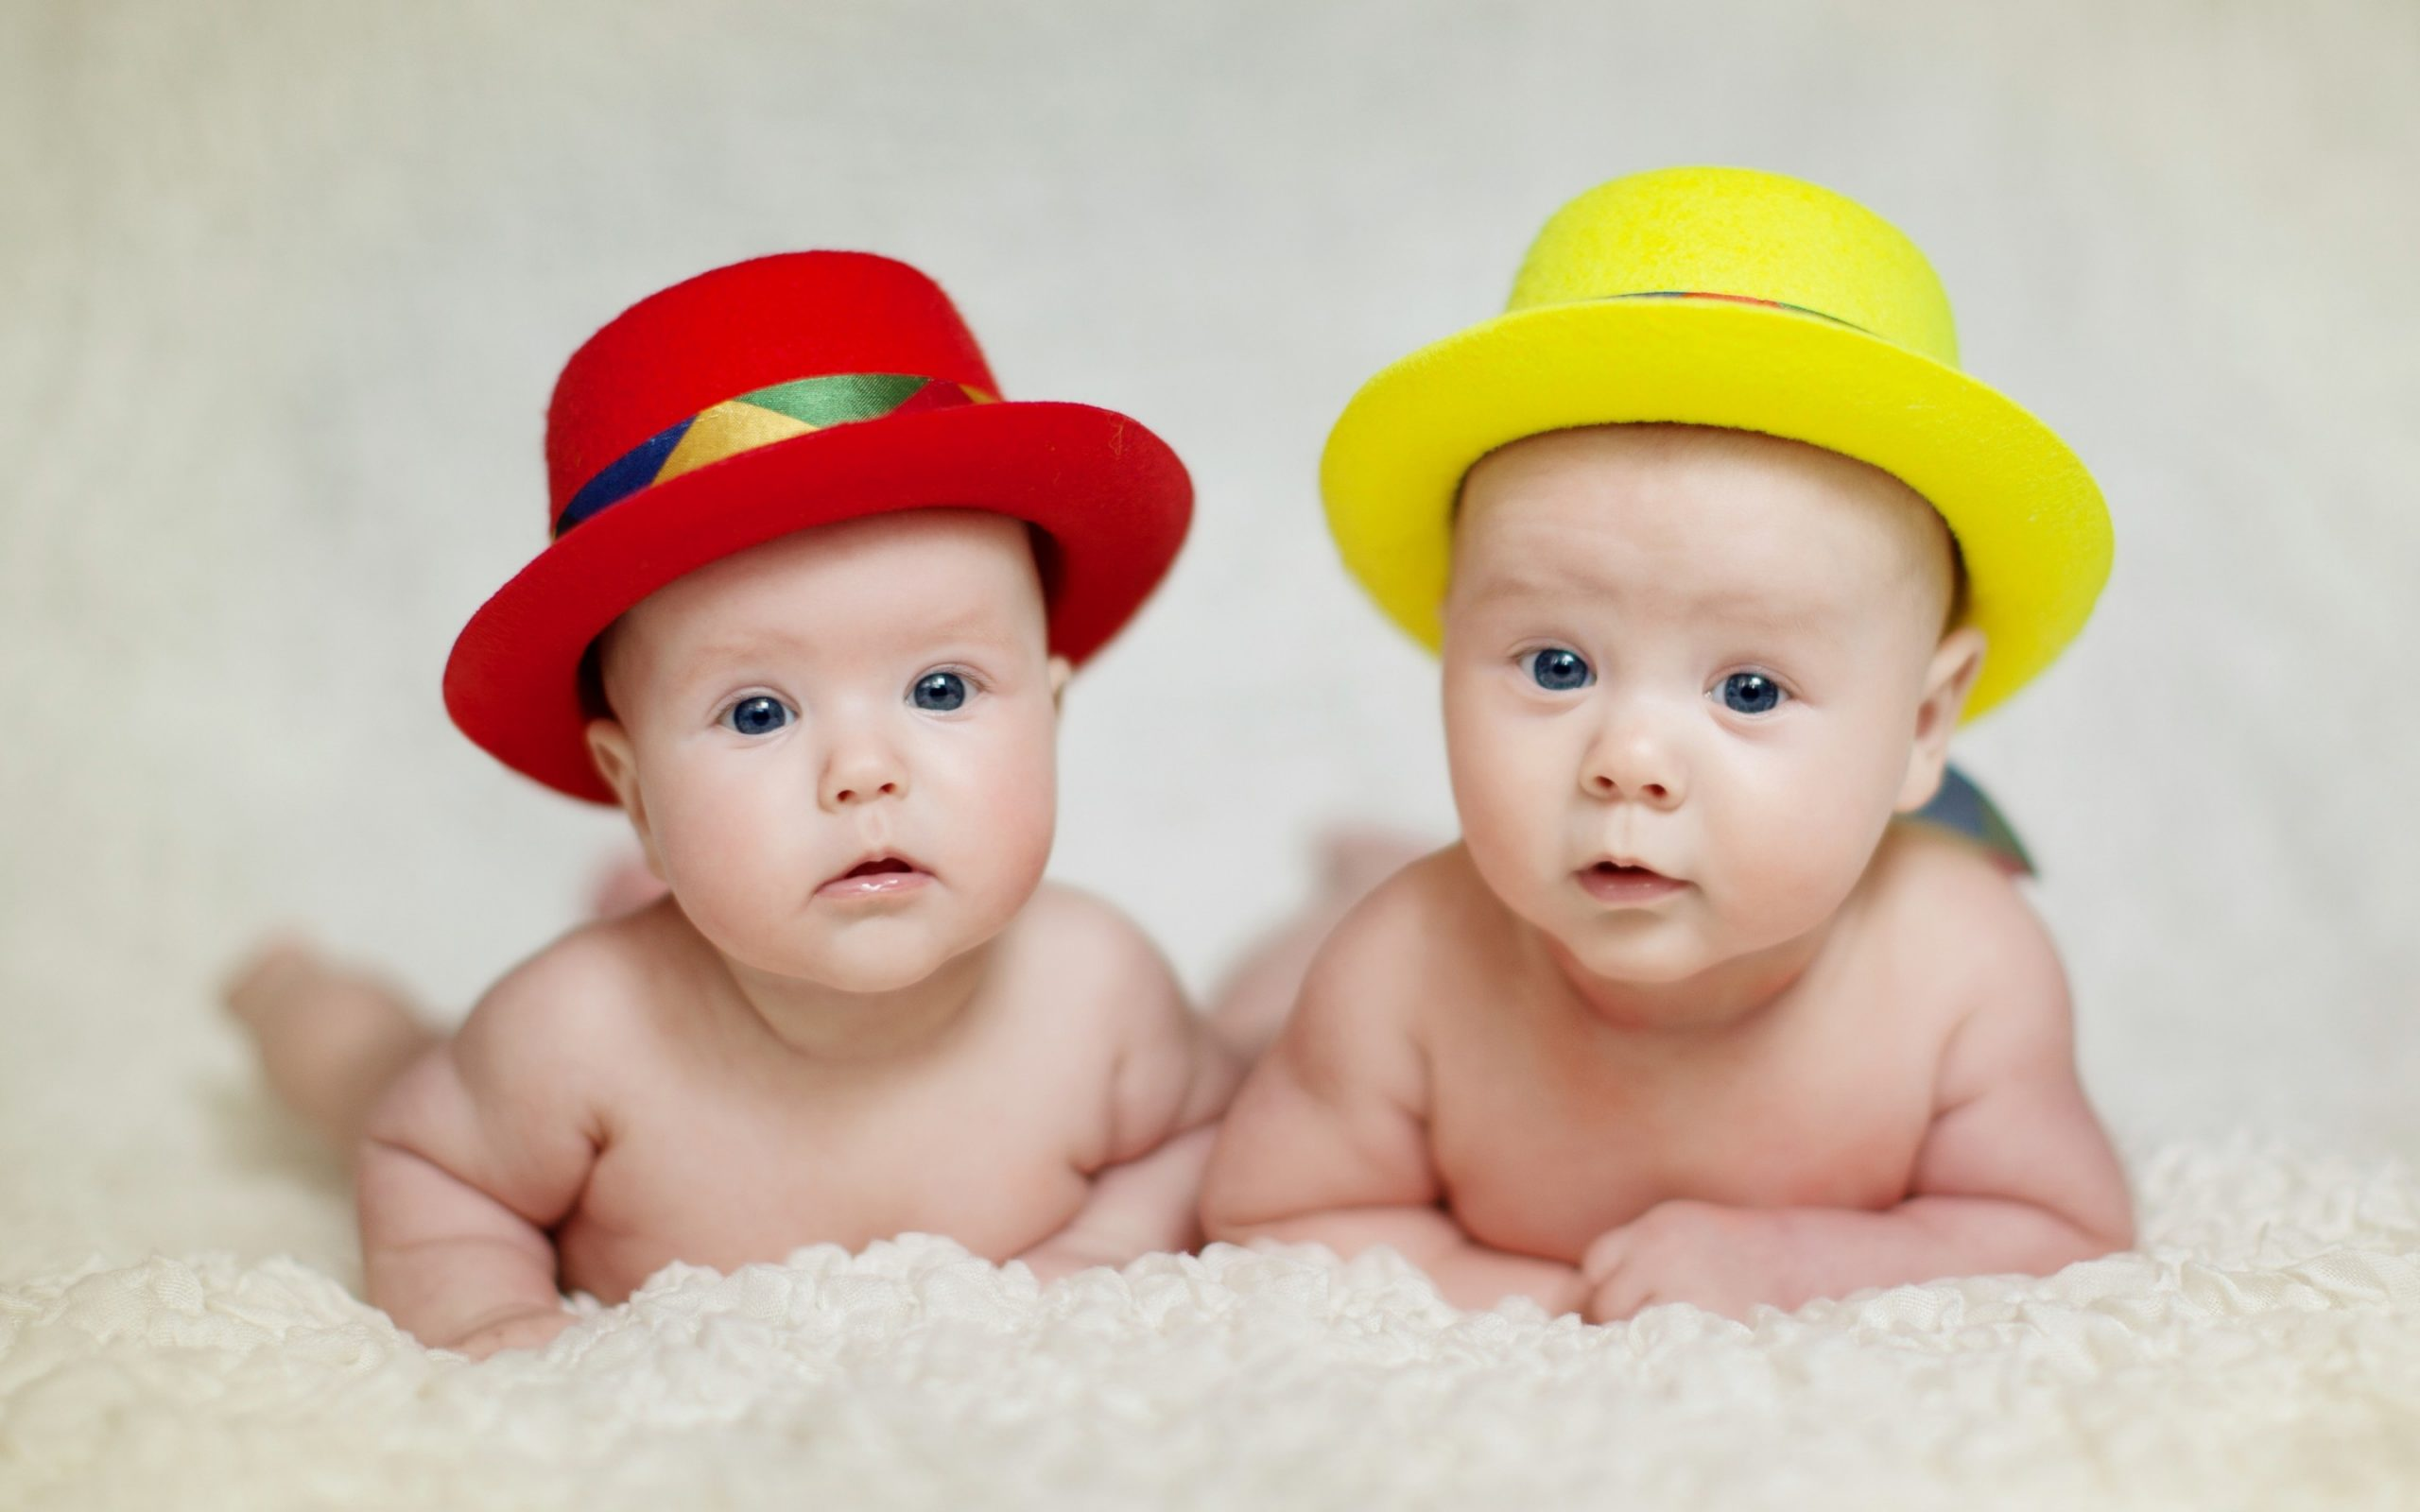 Hình ảnh 2 em bé ngộ nghĩnh đáng yêu